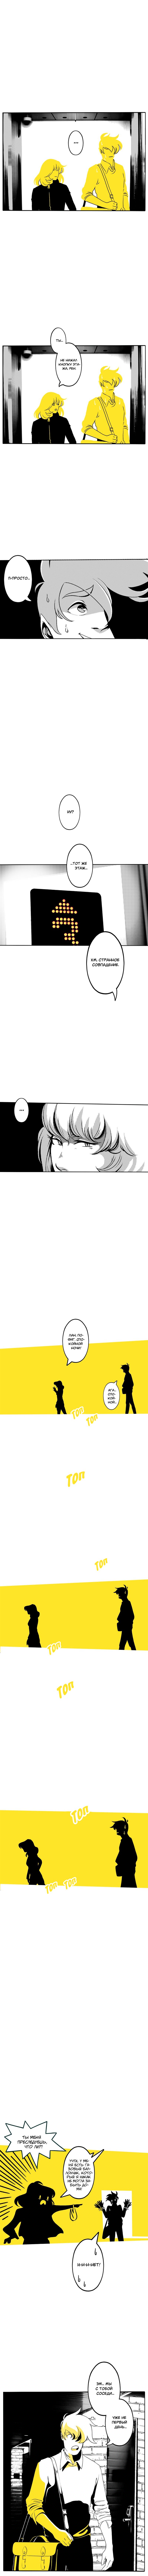 https://r2.ninemanga.com/comics/pic3/0/33536/1312171/1549670991896.png Page 4